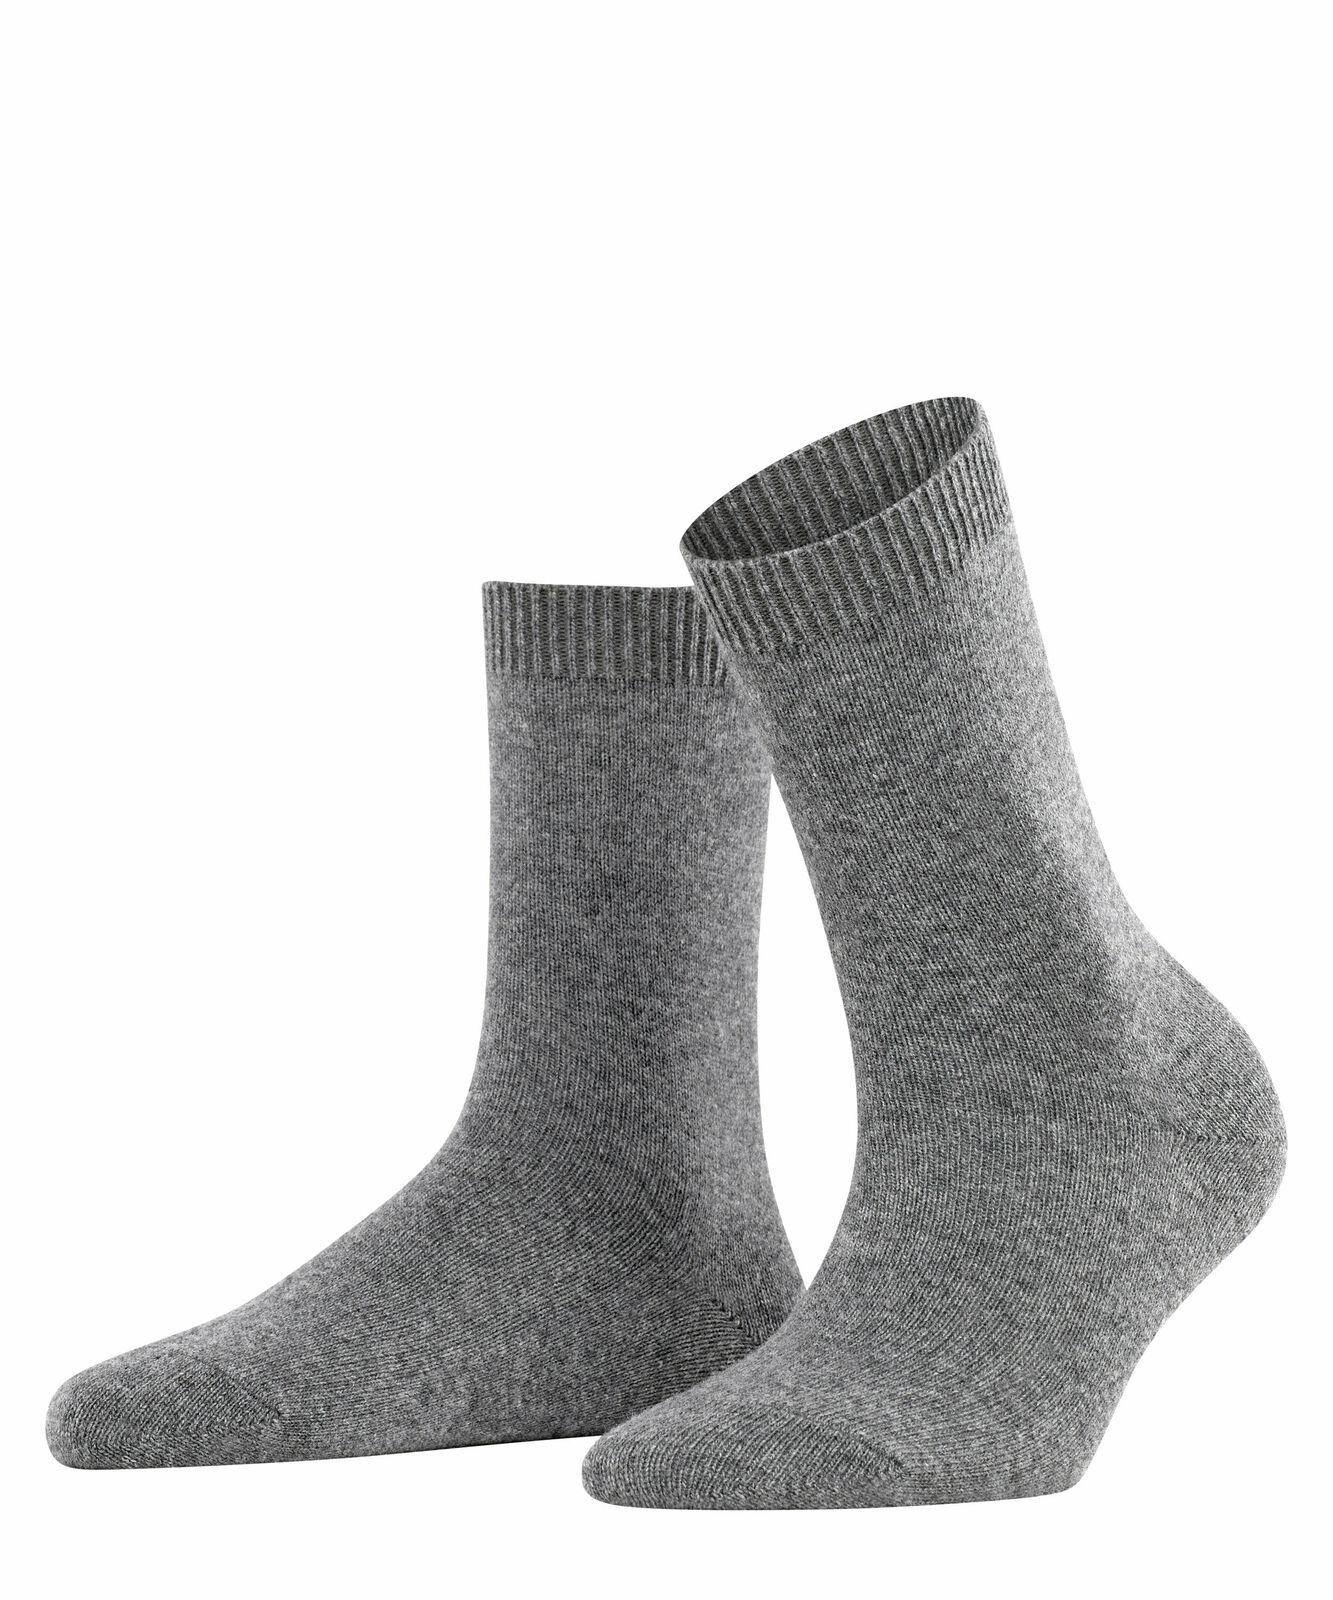 FALKE Cosy Wool Damen Socken Wolle mit Kaschmir